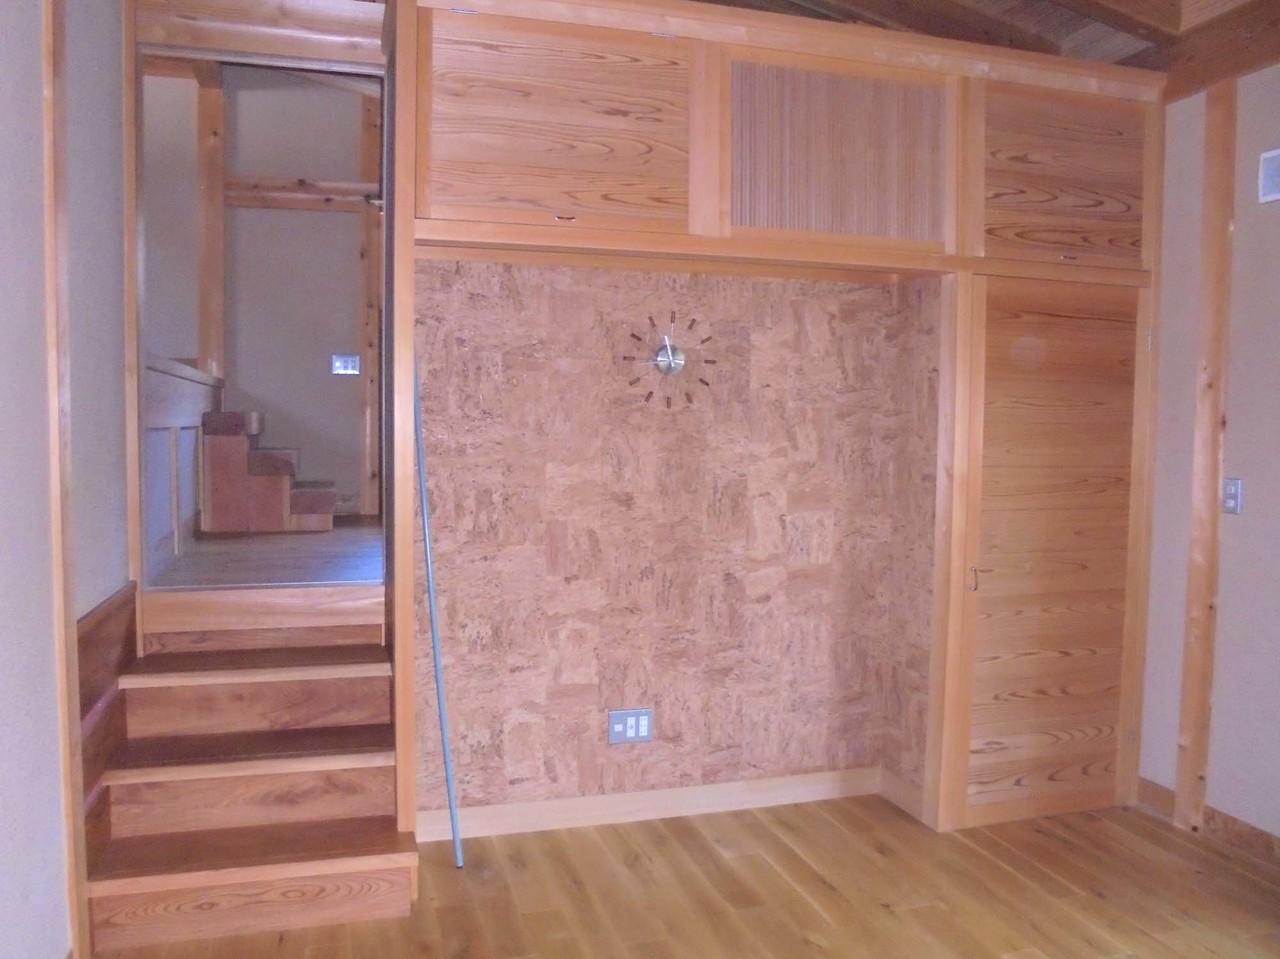 左からは納戸と寝室へ、右の扉を開けると土間物置があります。